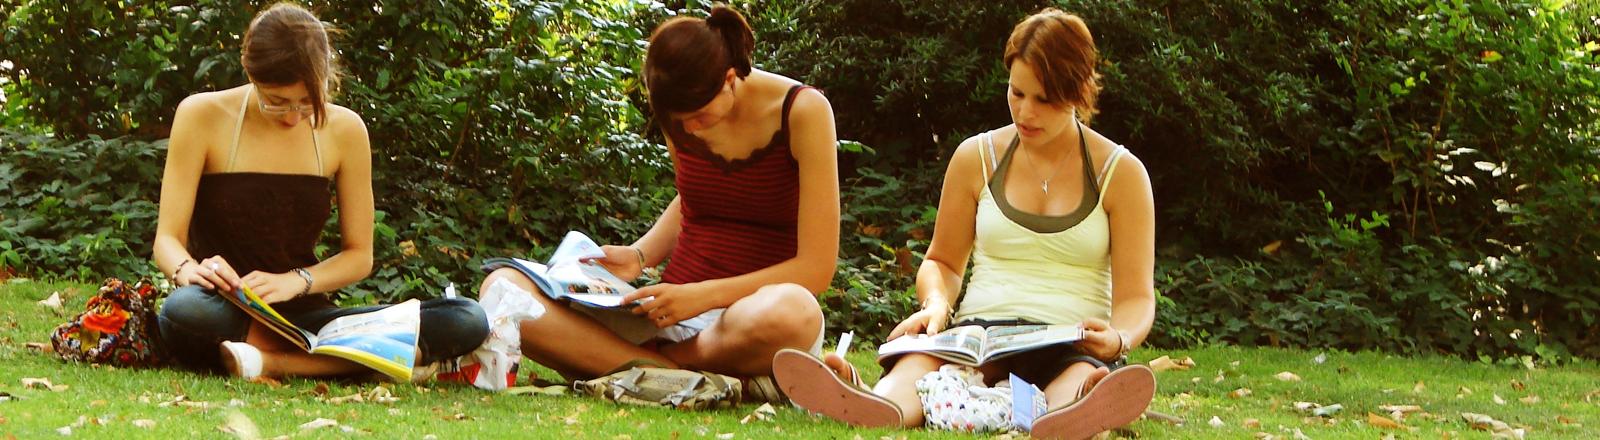 Studentinnen lesen Zeitschriften auf einer Wiese.